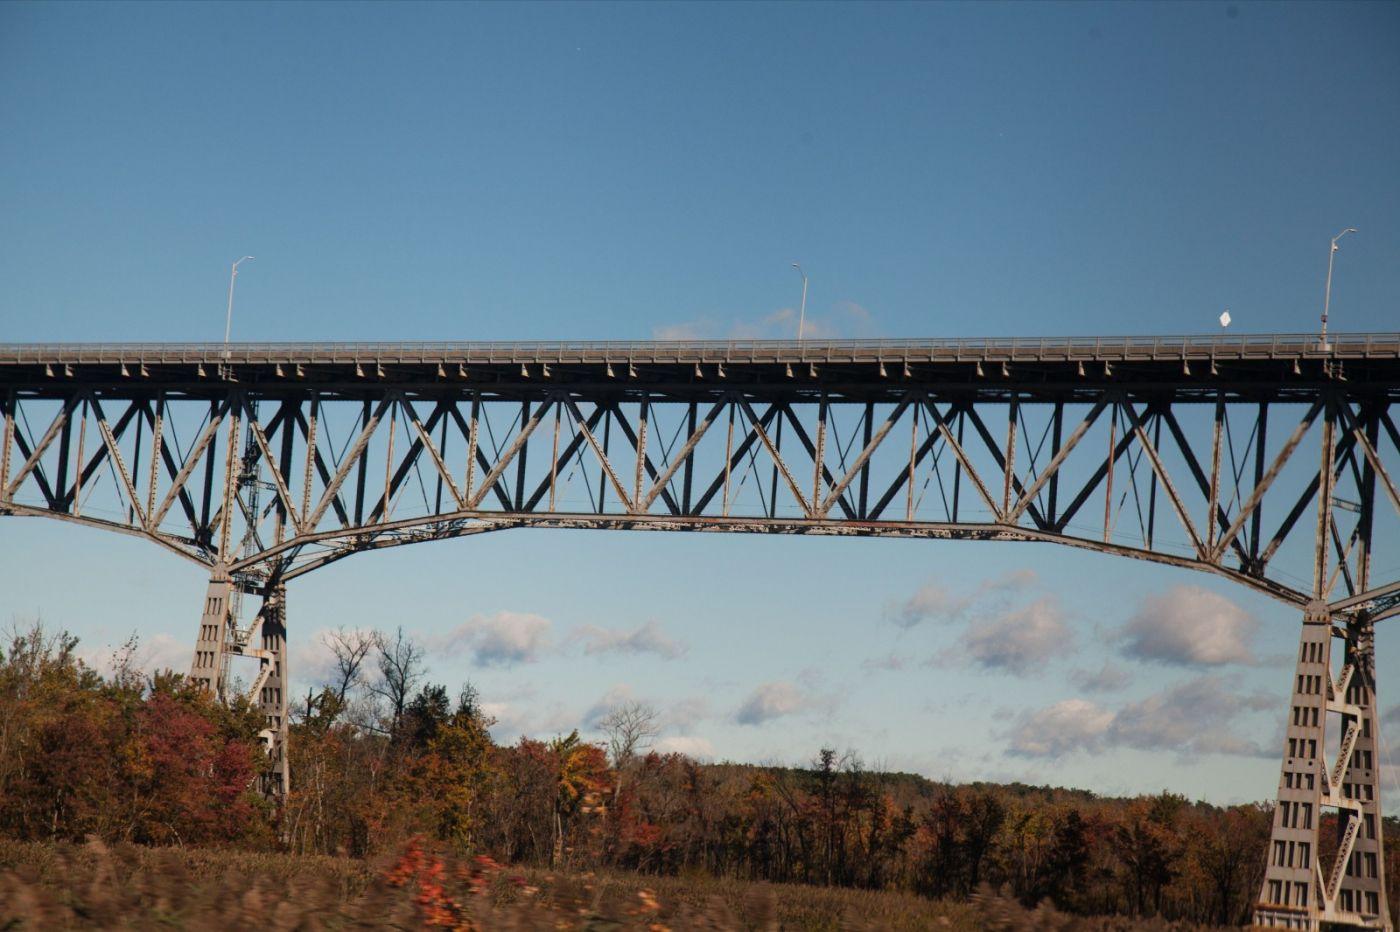 坐火车赴加拿大,沿途风景尽收眼底,赏心悦目!_图1-4